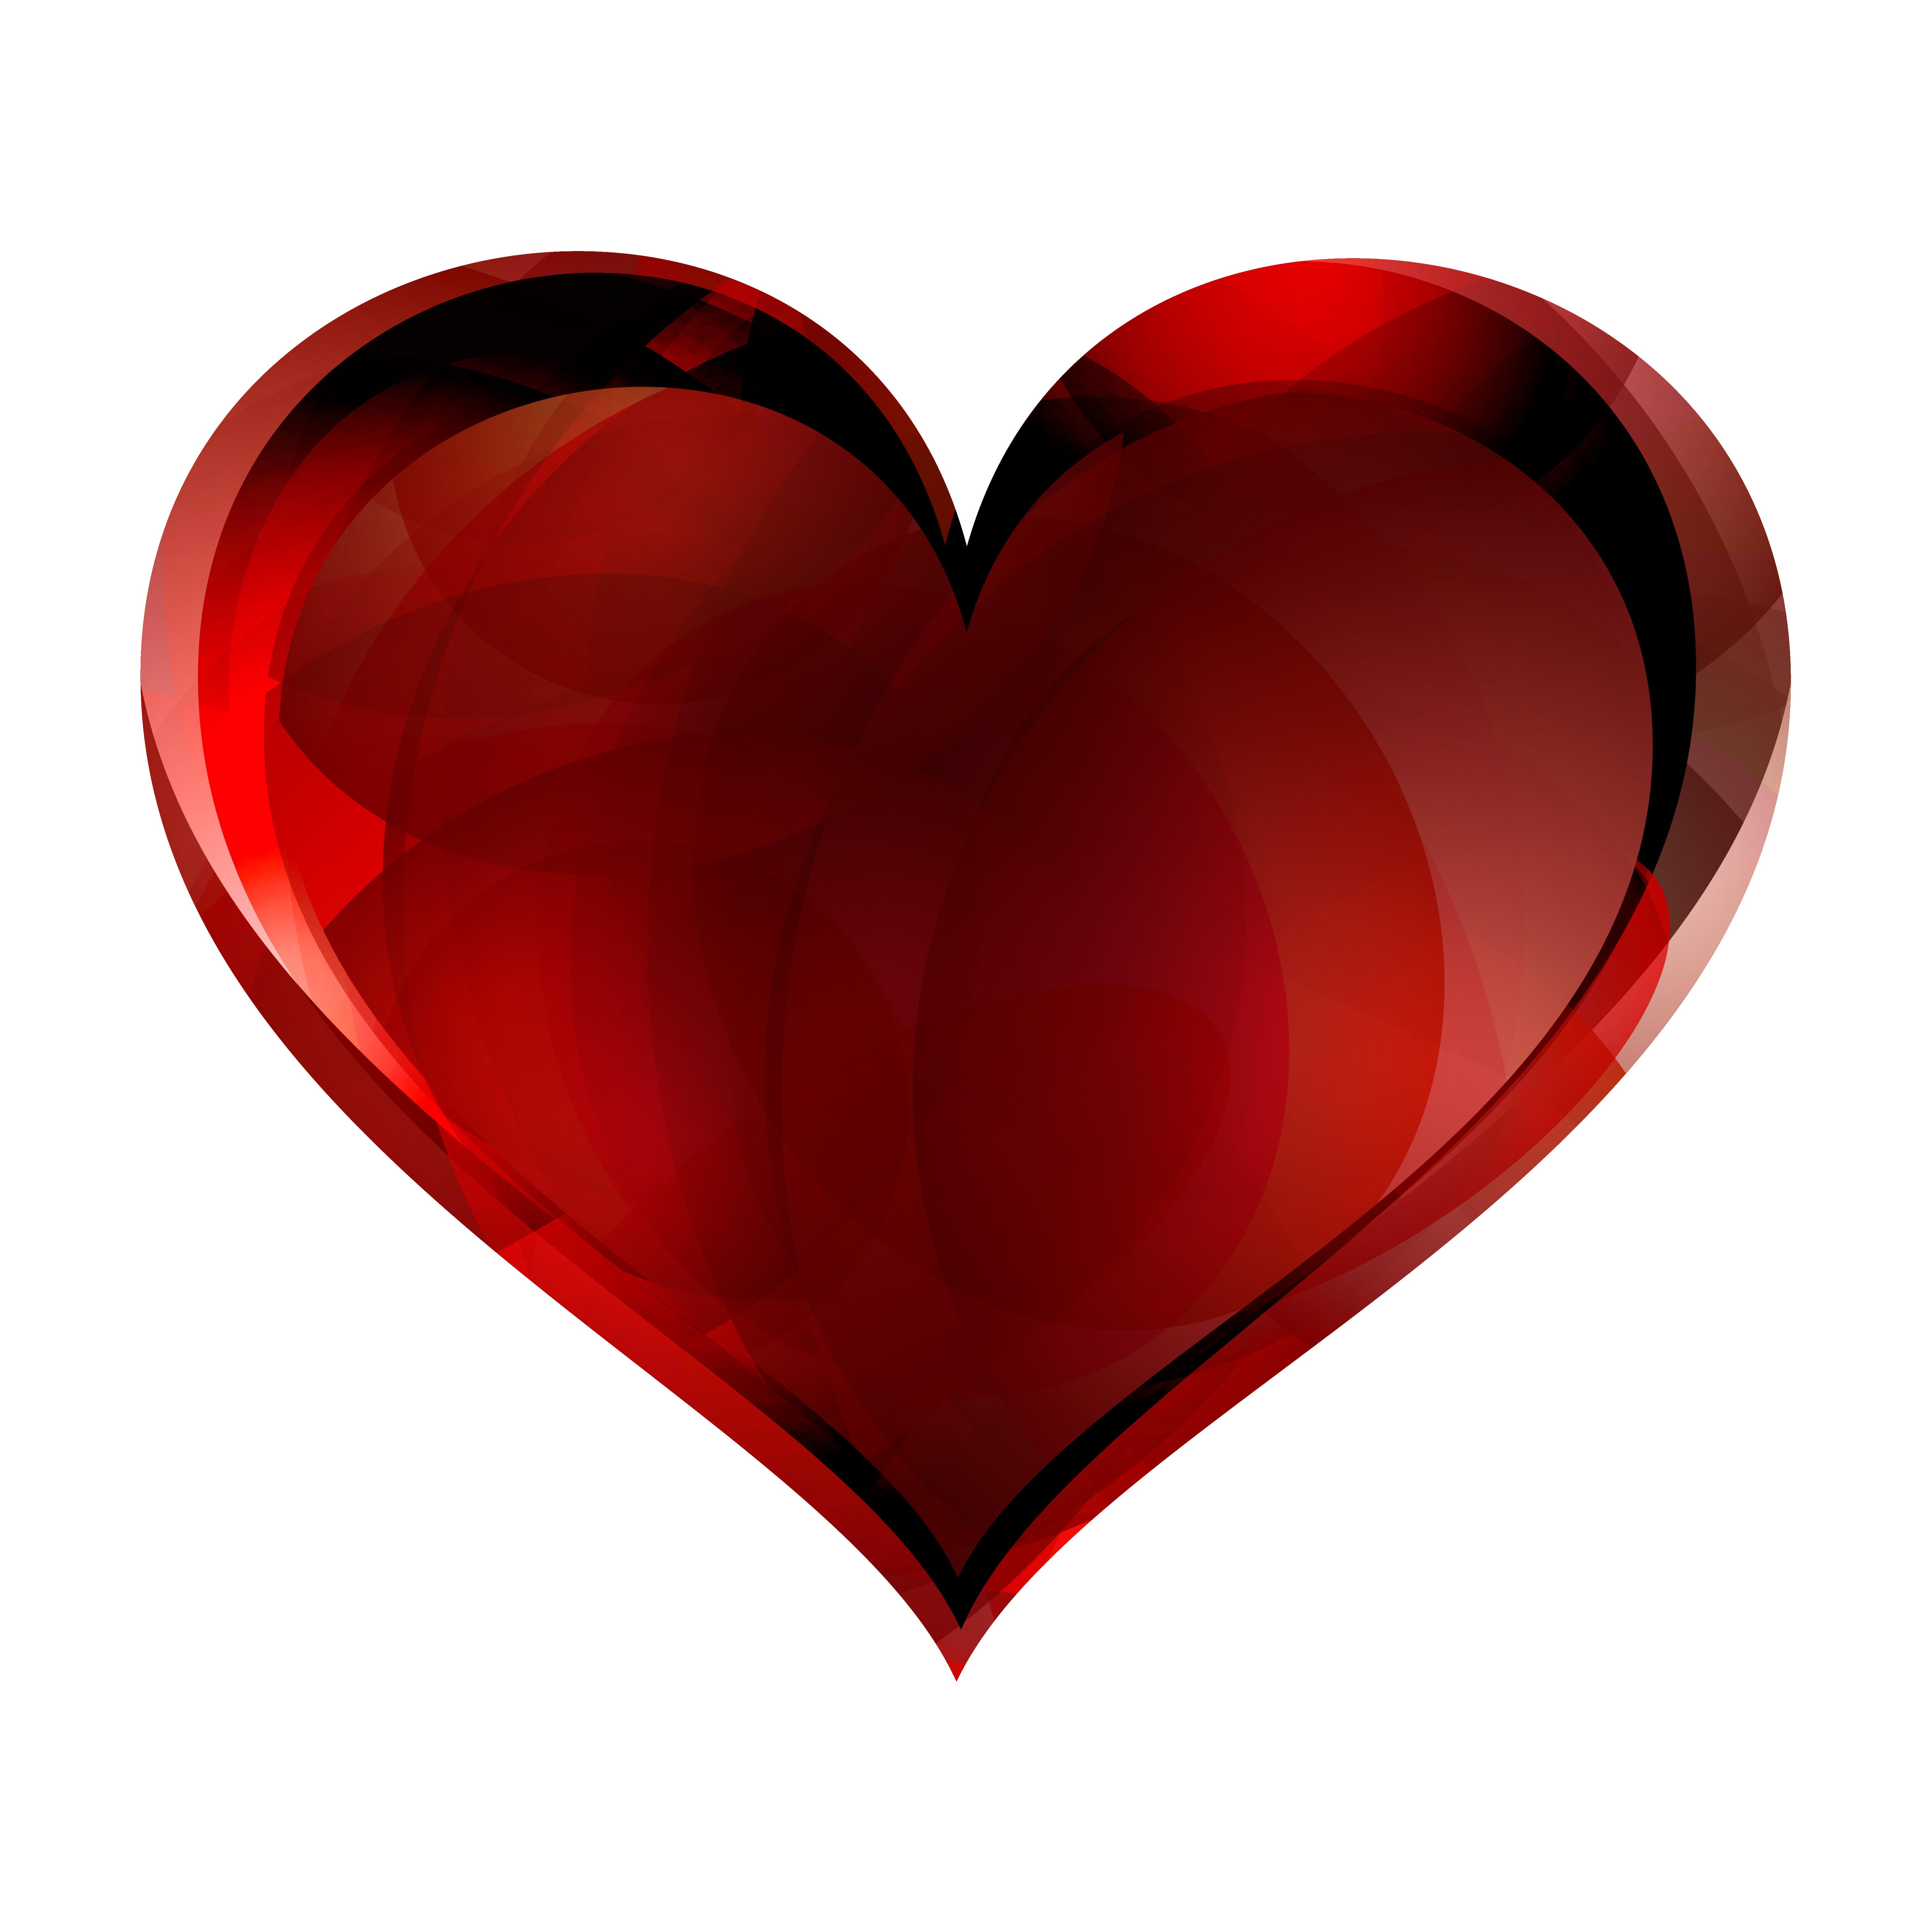 Red Glass Heart Png Image Download Coracao Desenho Fotos De Paisagem Ideias Para Cartaz